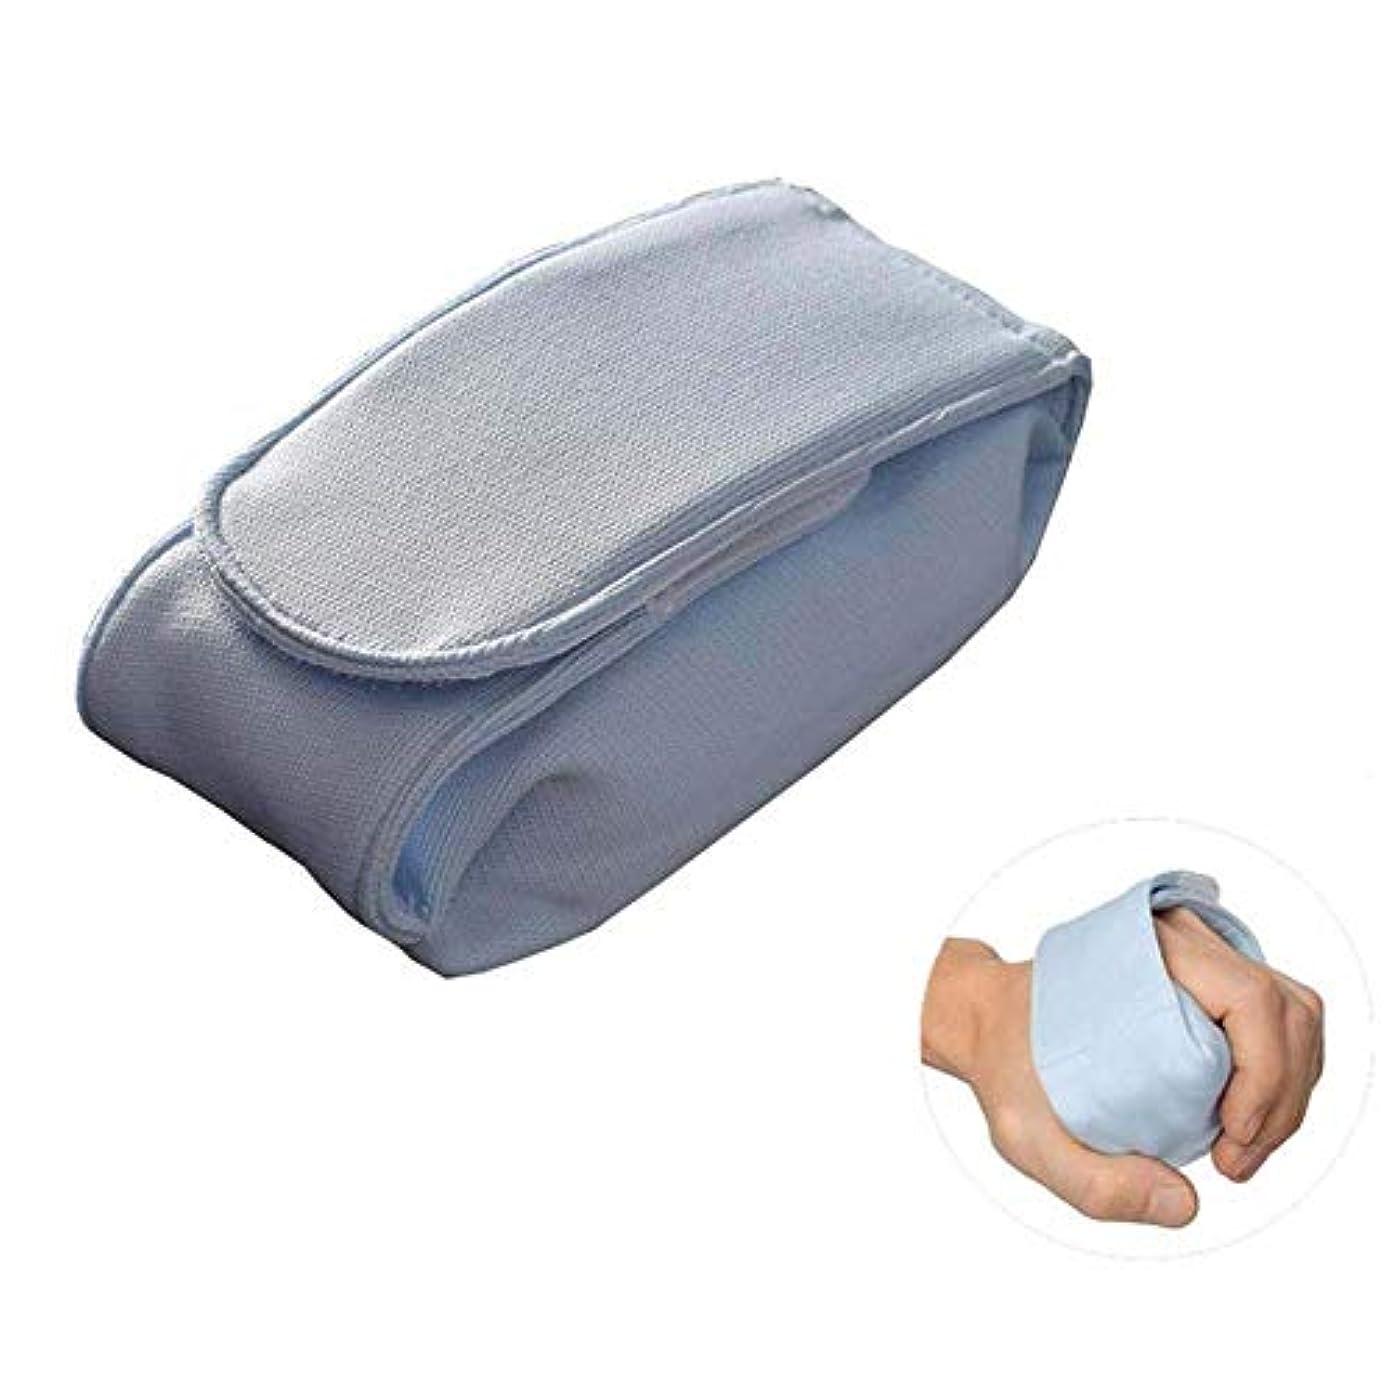 ジョットディボンドン機械的薬指の添え木、指の関節の固定化、指の骨折、創傷、術後のケアおよび疼痛緩和のための指トレーニング器具 (Color : 1pcs, Size : Large)